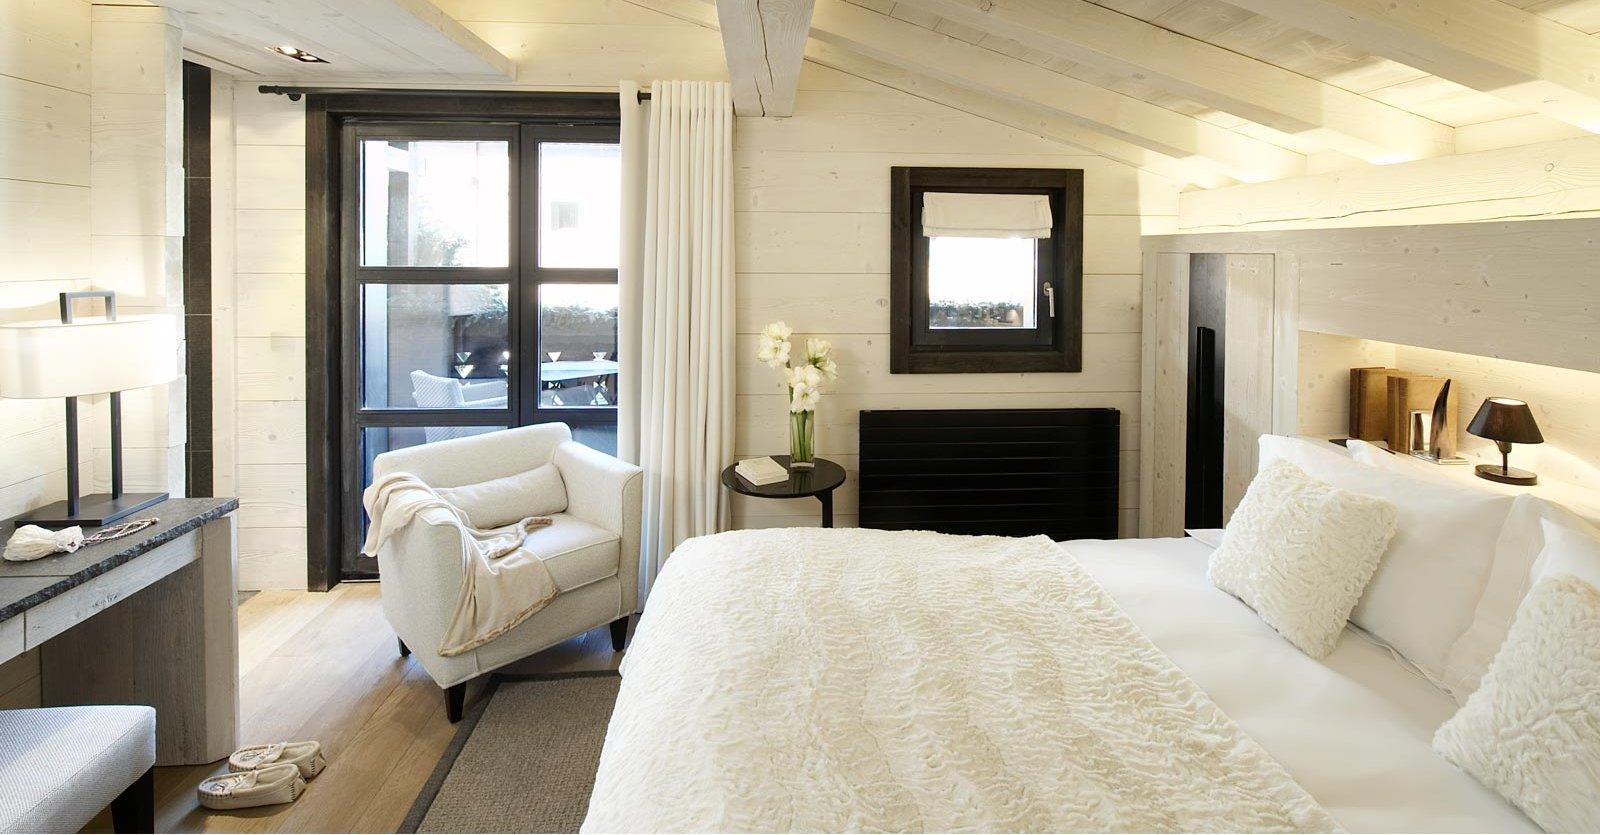 alpaga-hotel-megeve-luxury-bedrooms